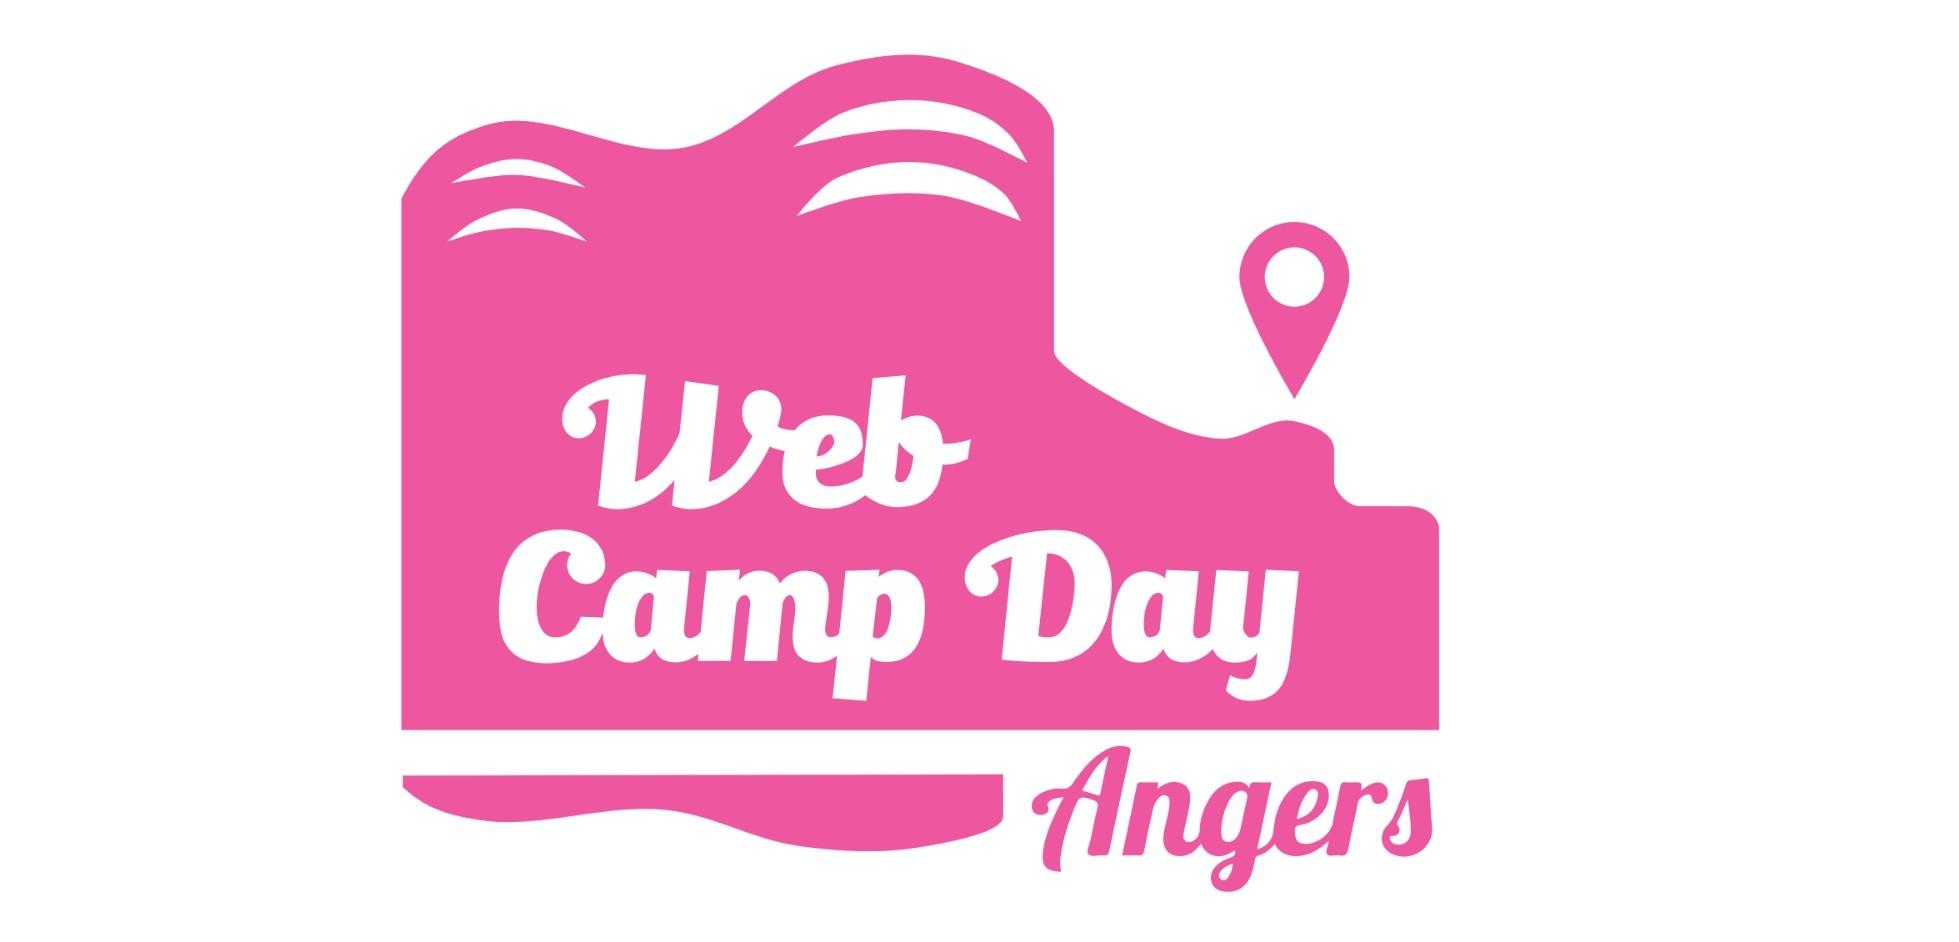 WebCampDay : pour sa 7ème édition, le rendez-vous angevin met l'accent sur le Social Media et le Search Marketing